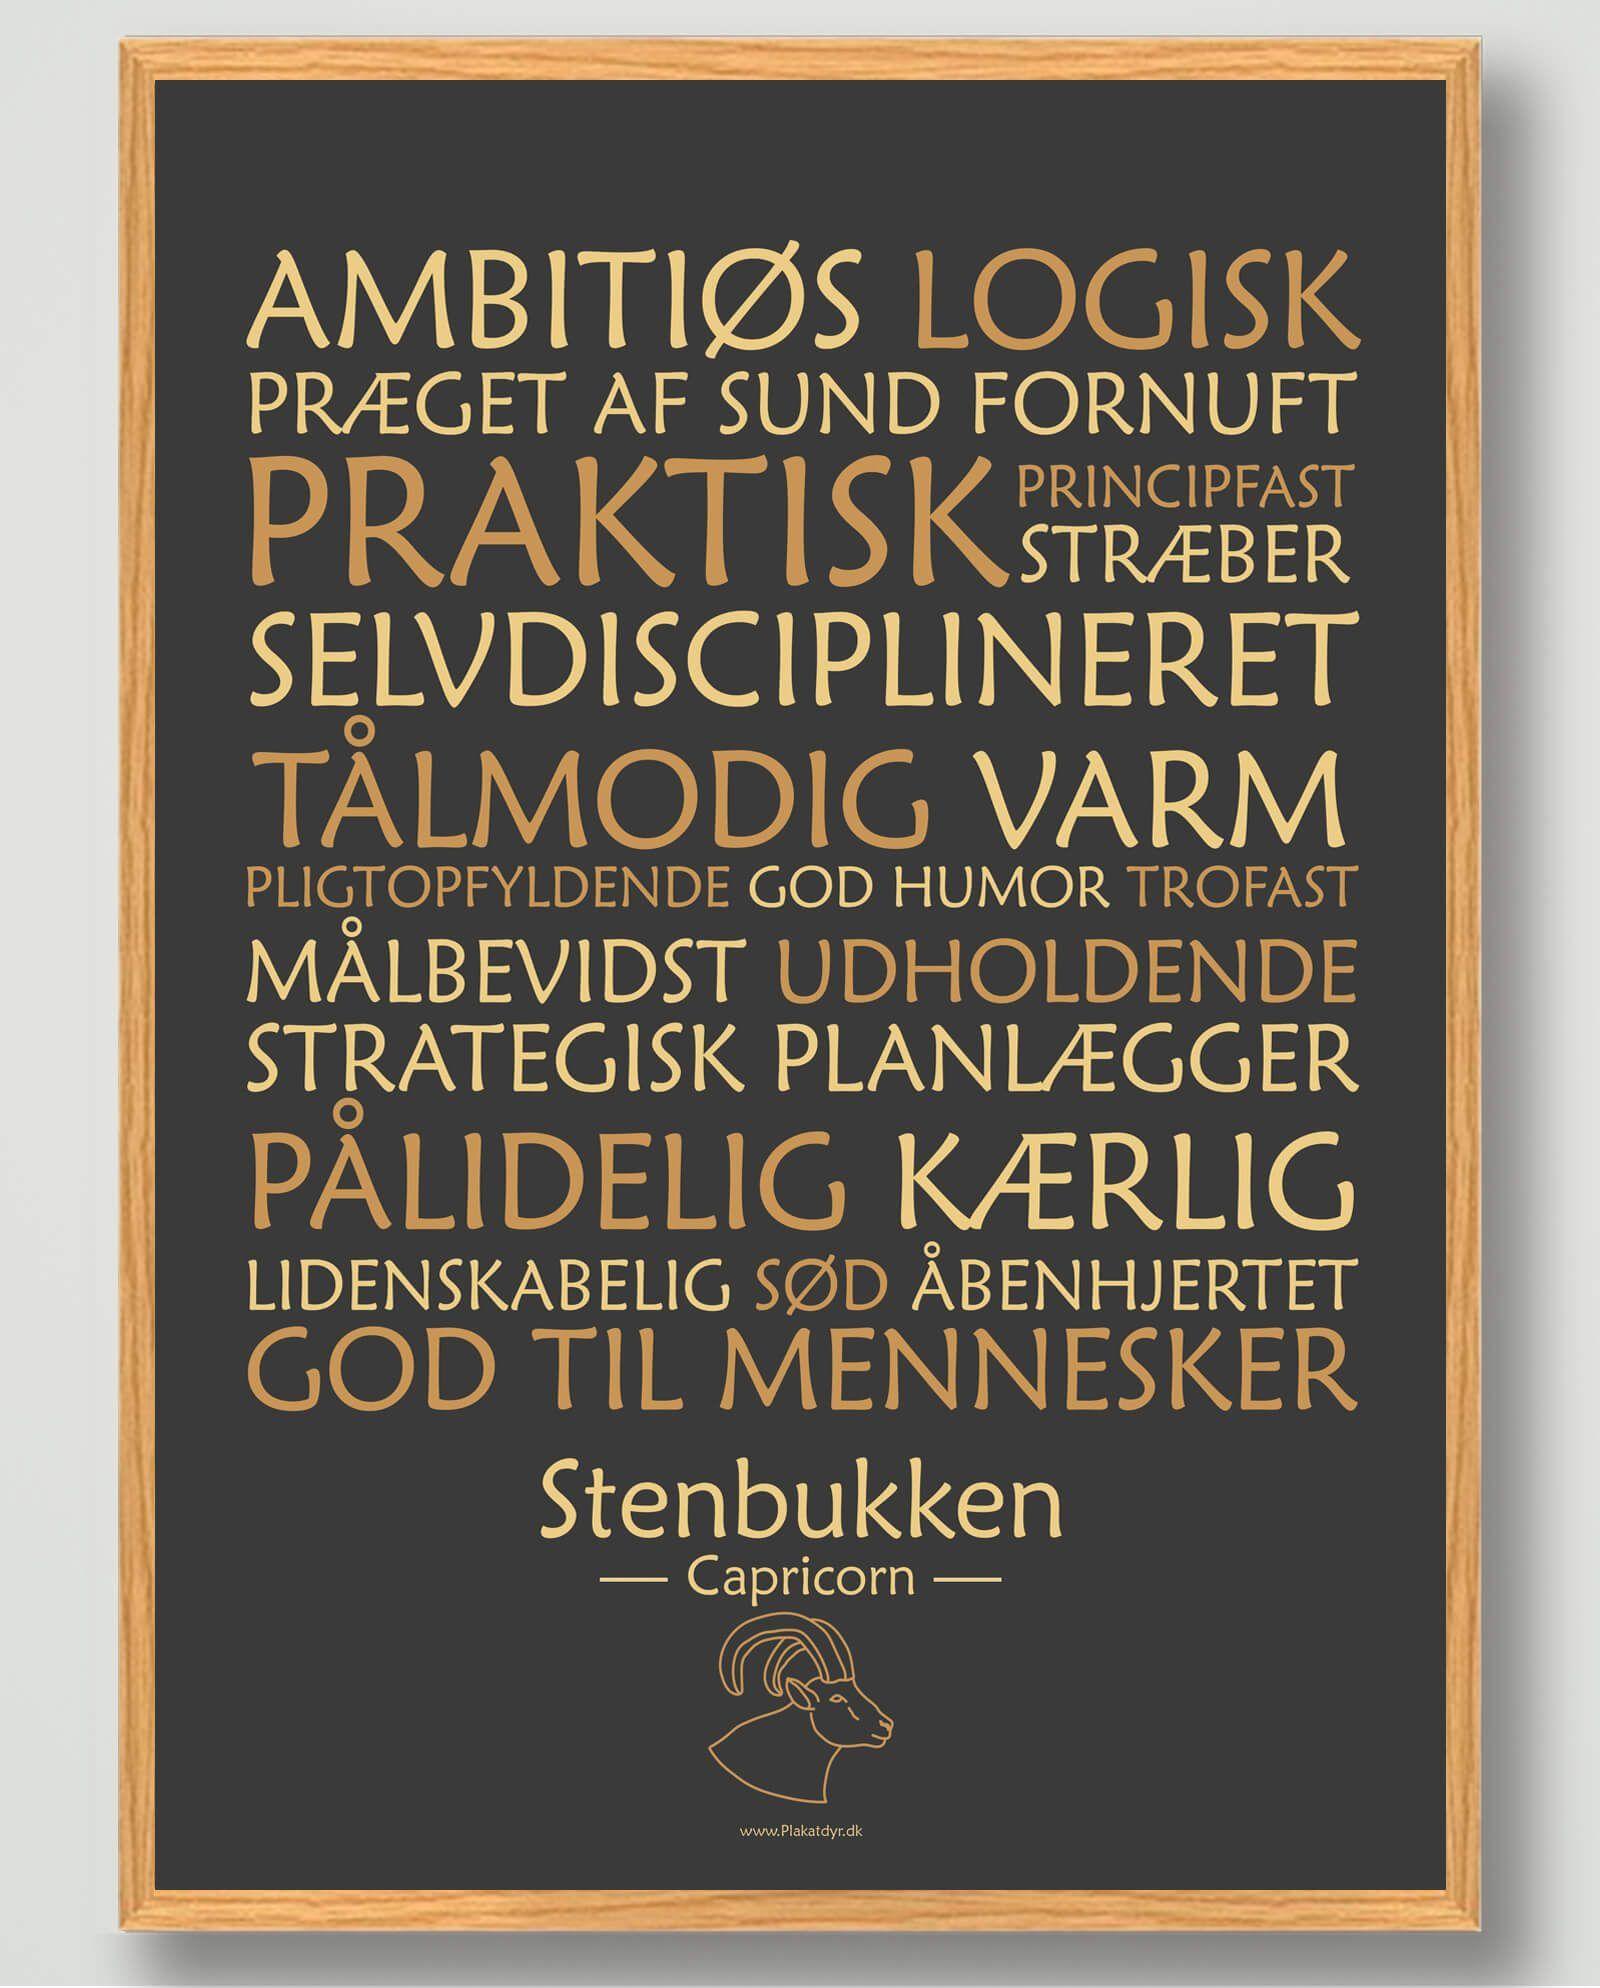 Stjernetegn | Produktkategorier | Plakatdyr.dk